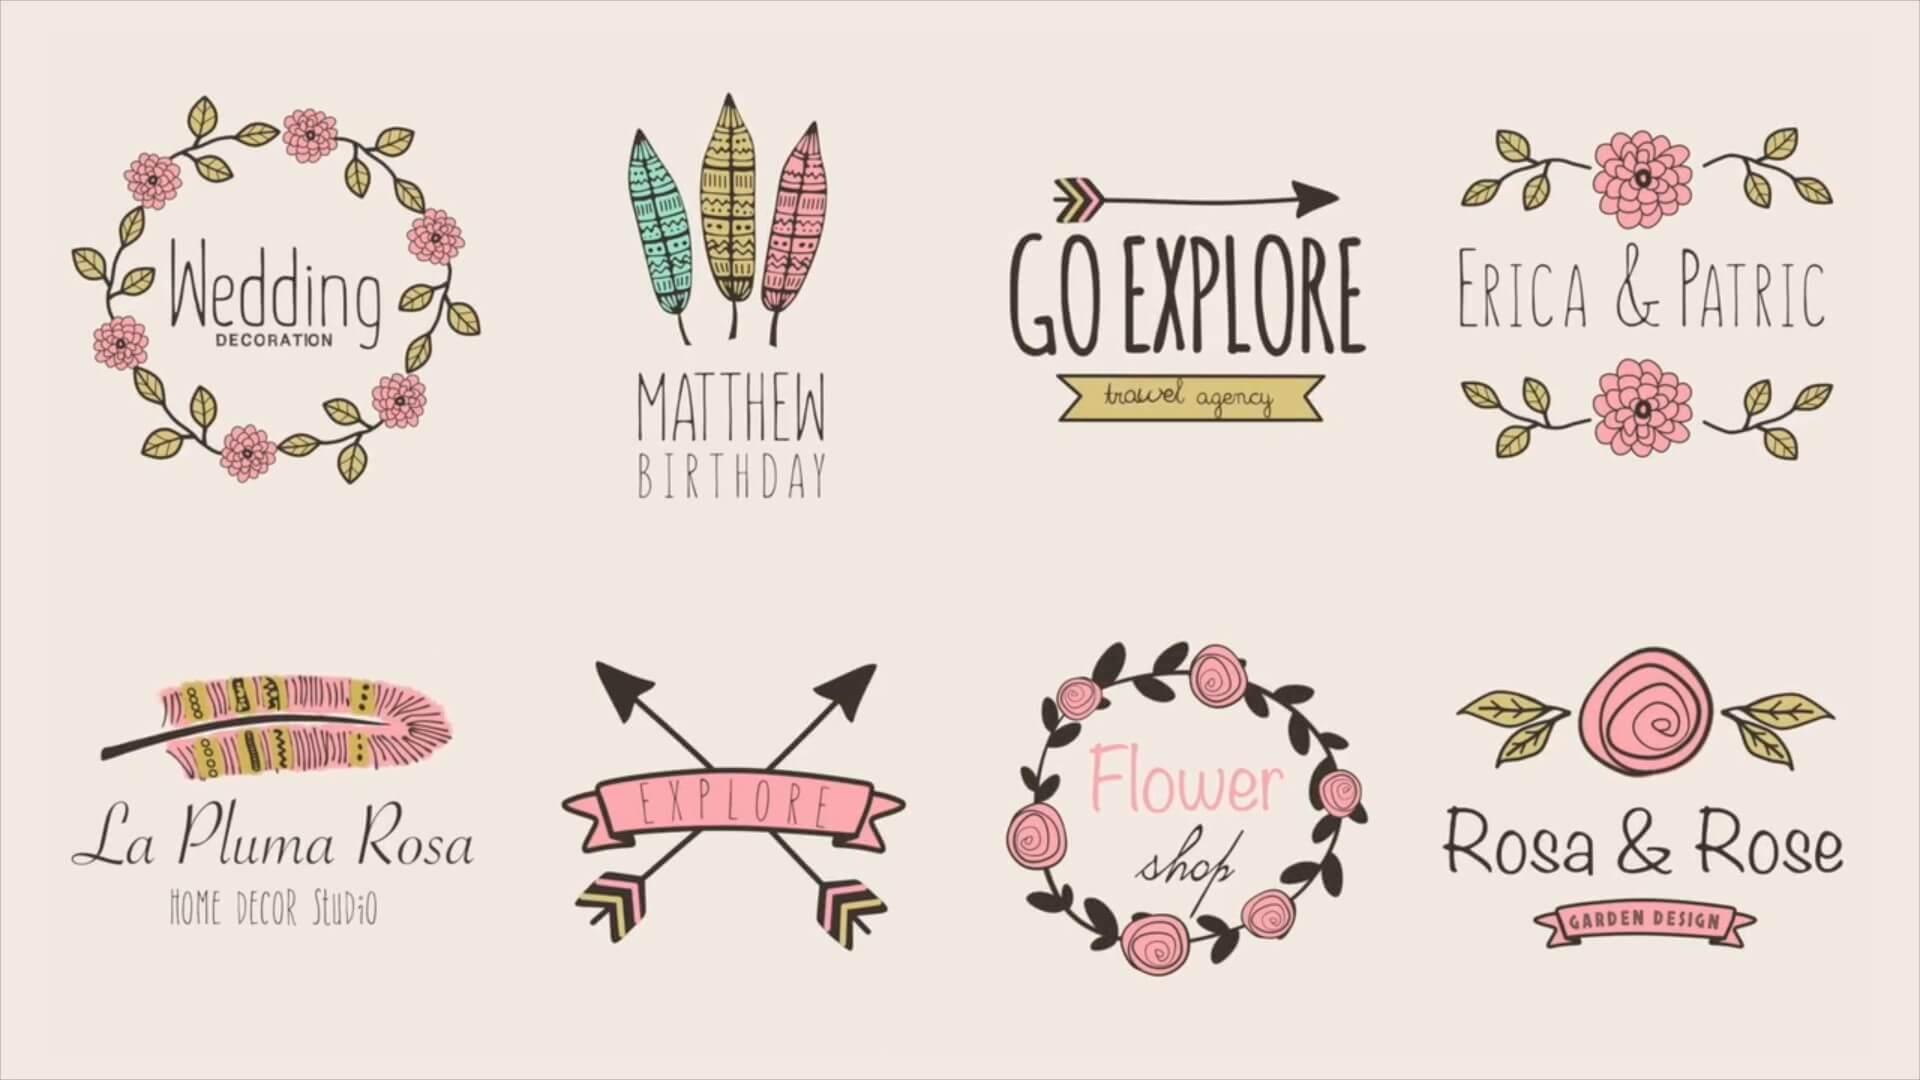 FCPX标题插件 浪漫有趣卡通手绘花朵标题模板 适用婚礼纪念庆典 vlog常用